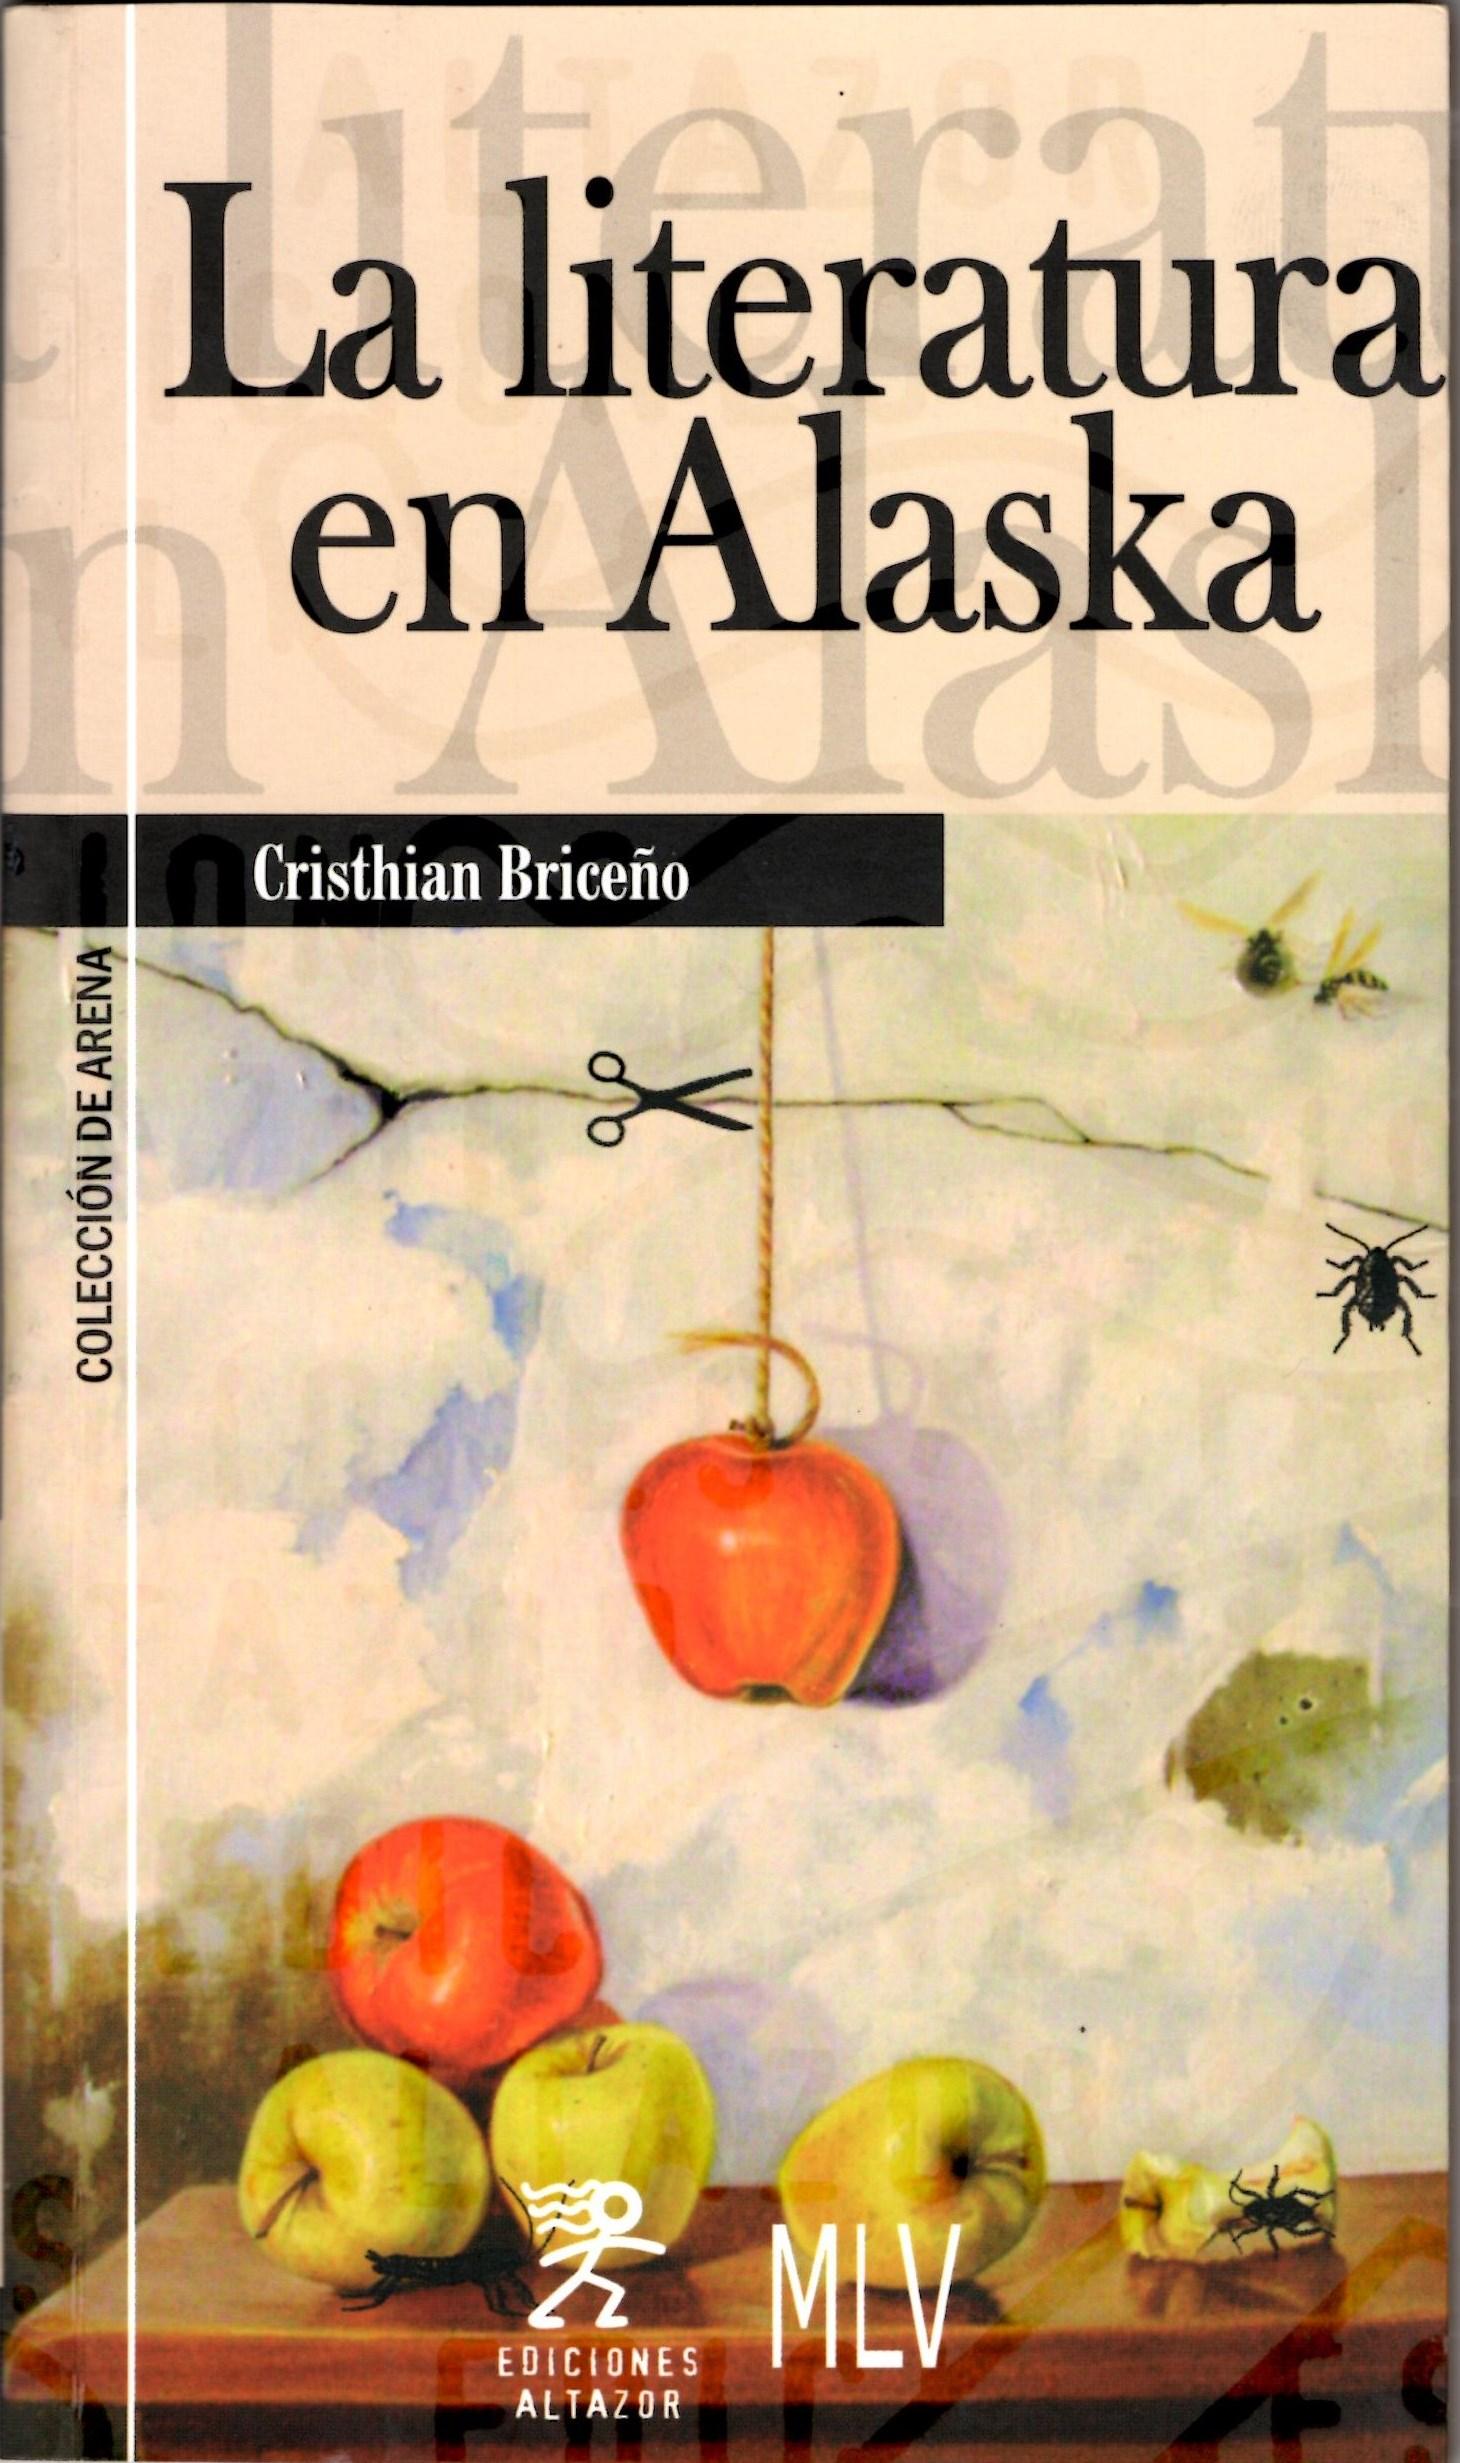 La literatura en Alaska